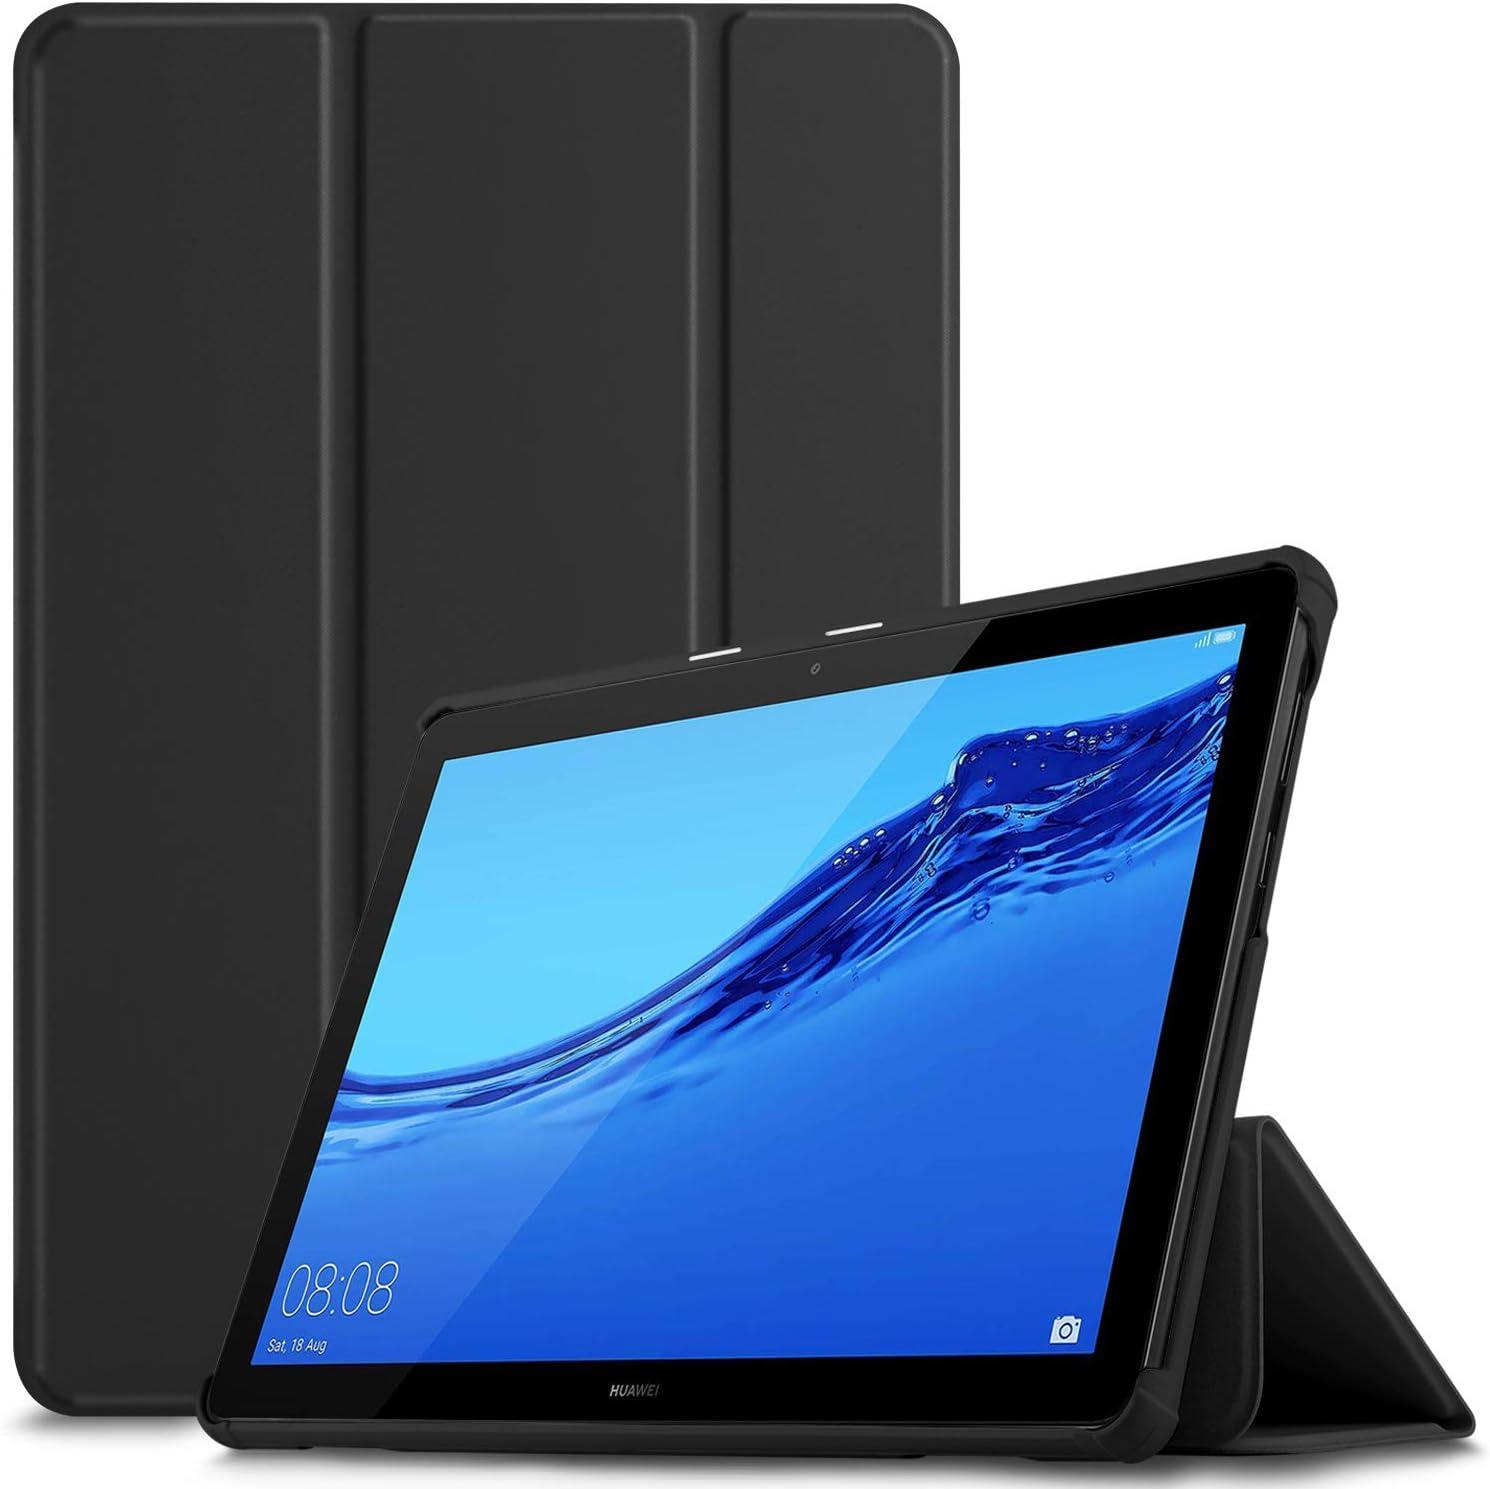 IVSO Funda Carcasa para Huawei MediaPad T5 10, Slim PU Protectora Carcasa Cover para Huawei MediaPad T5 10 10.1 Pulgadas 2018, Black